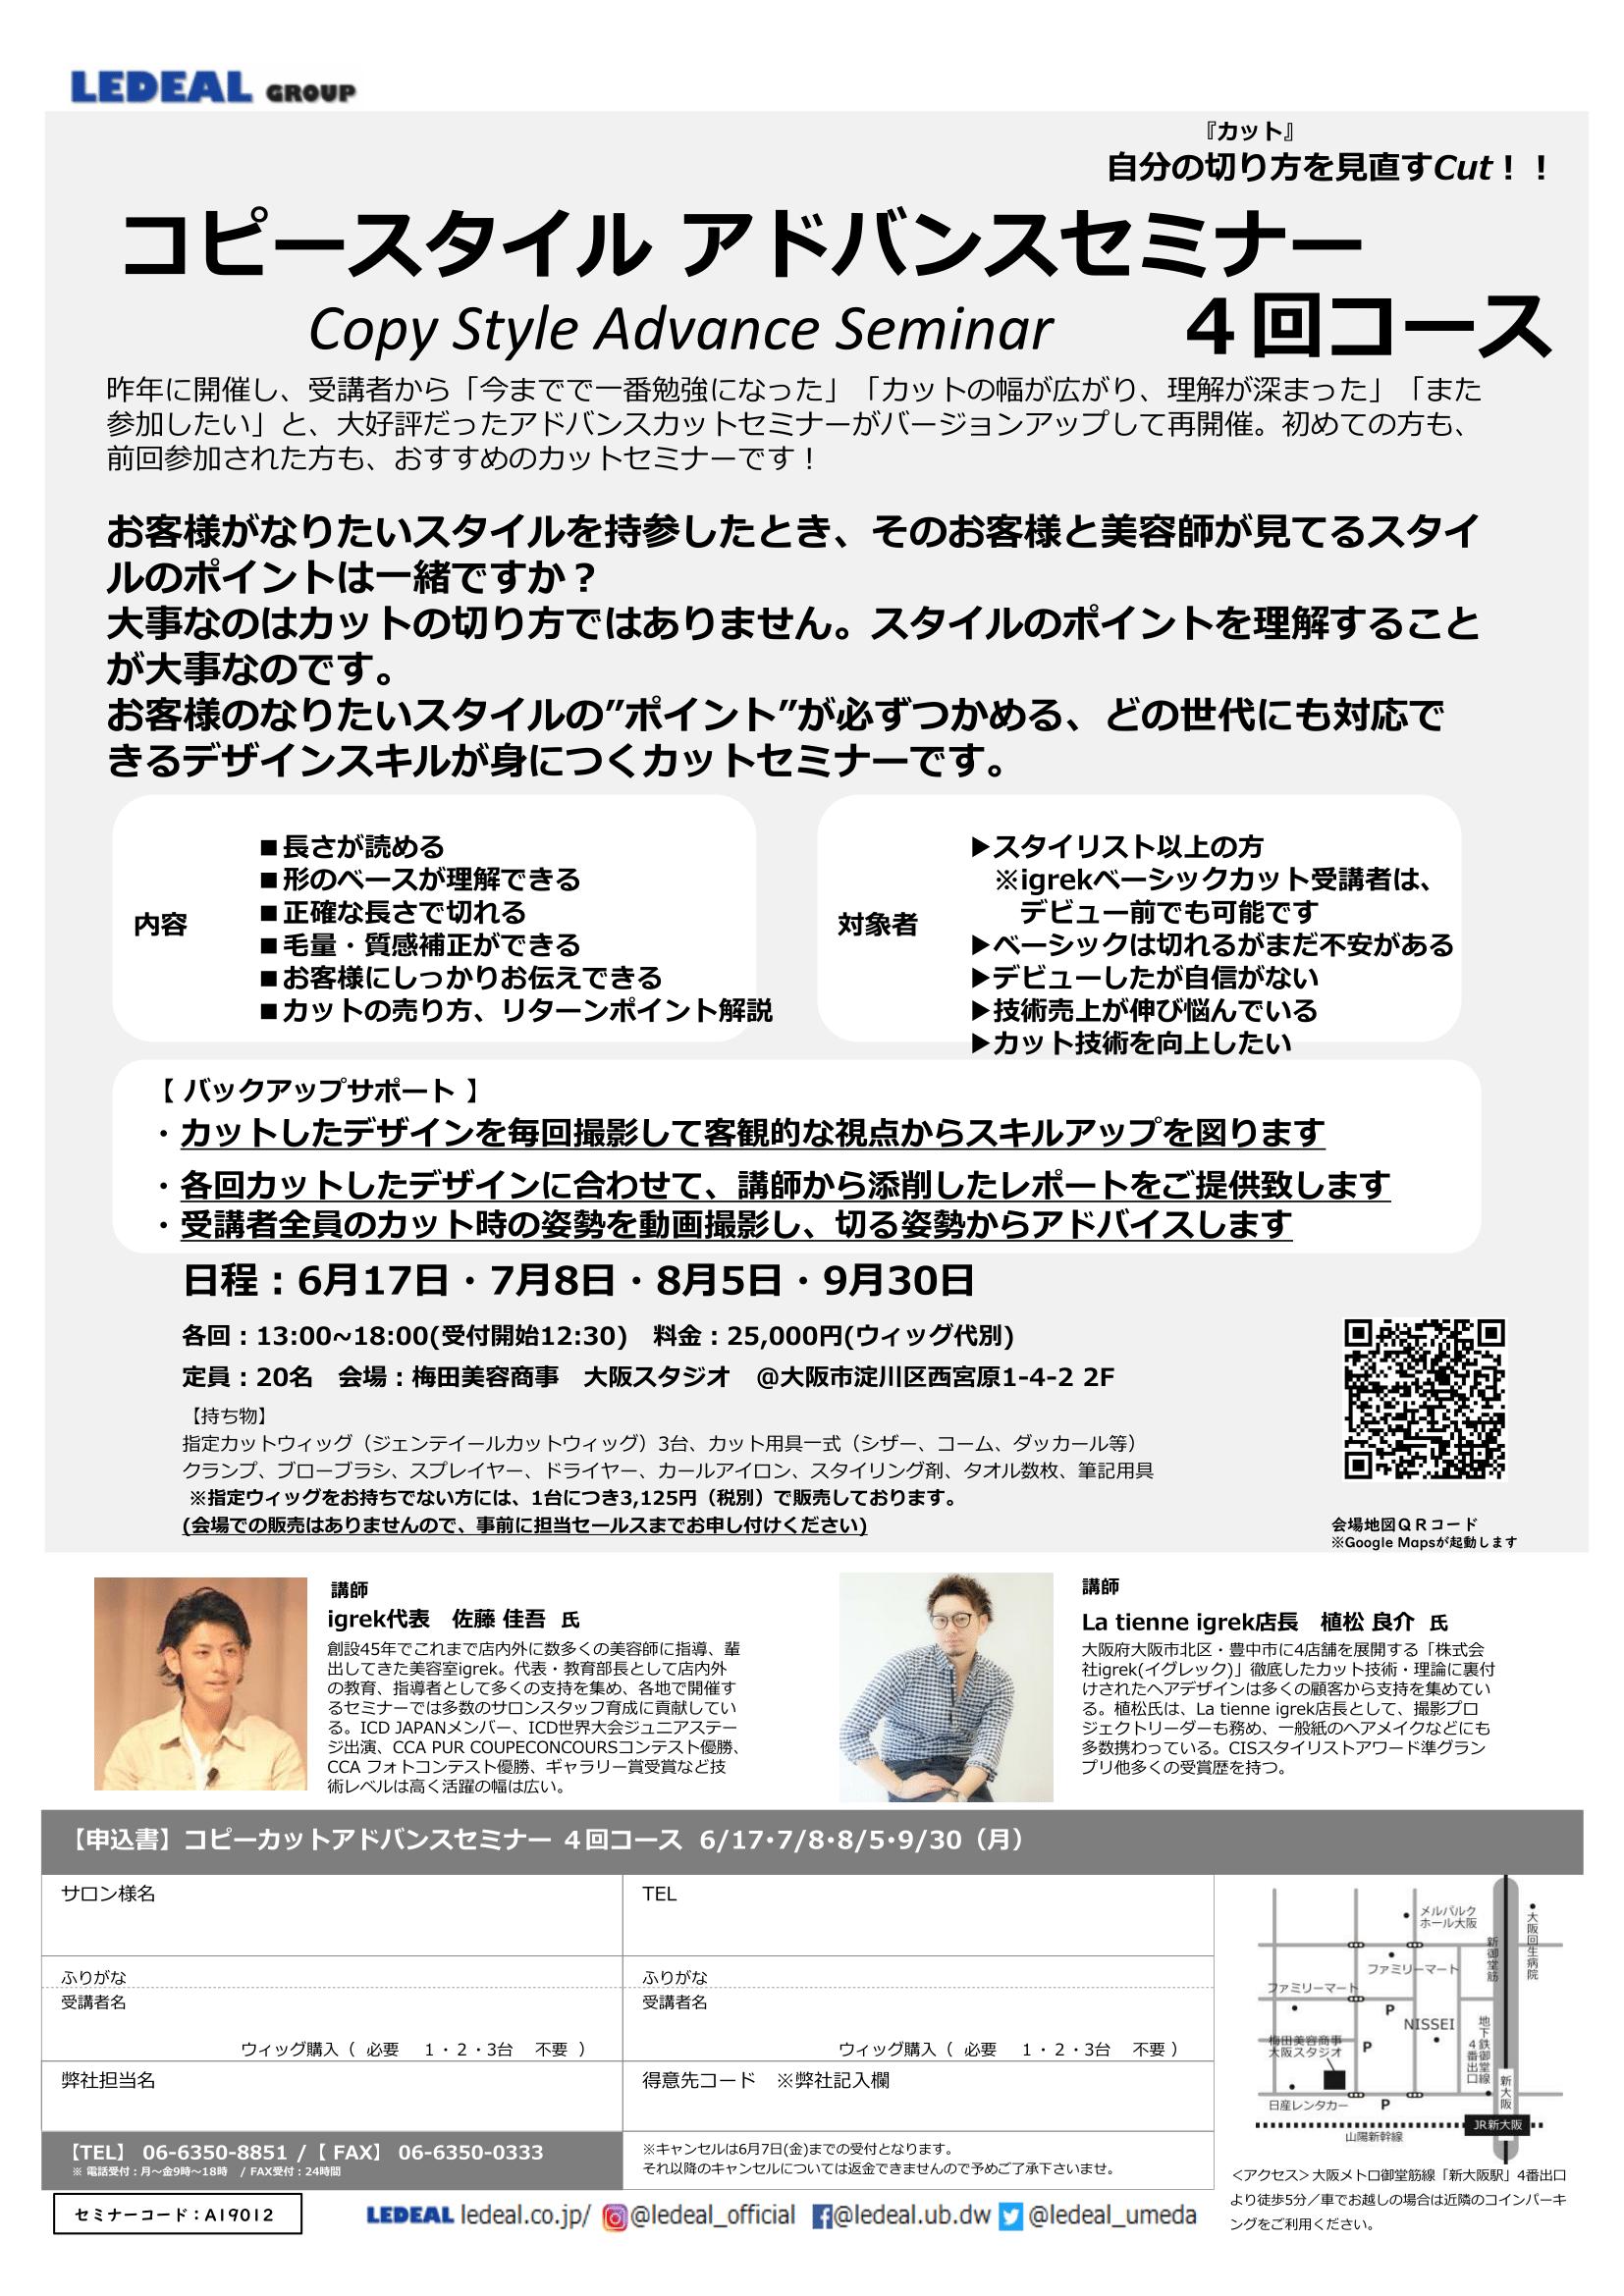 【大阪】コピーカットアドバンスセミナー 4回コース